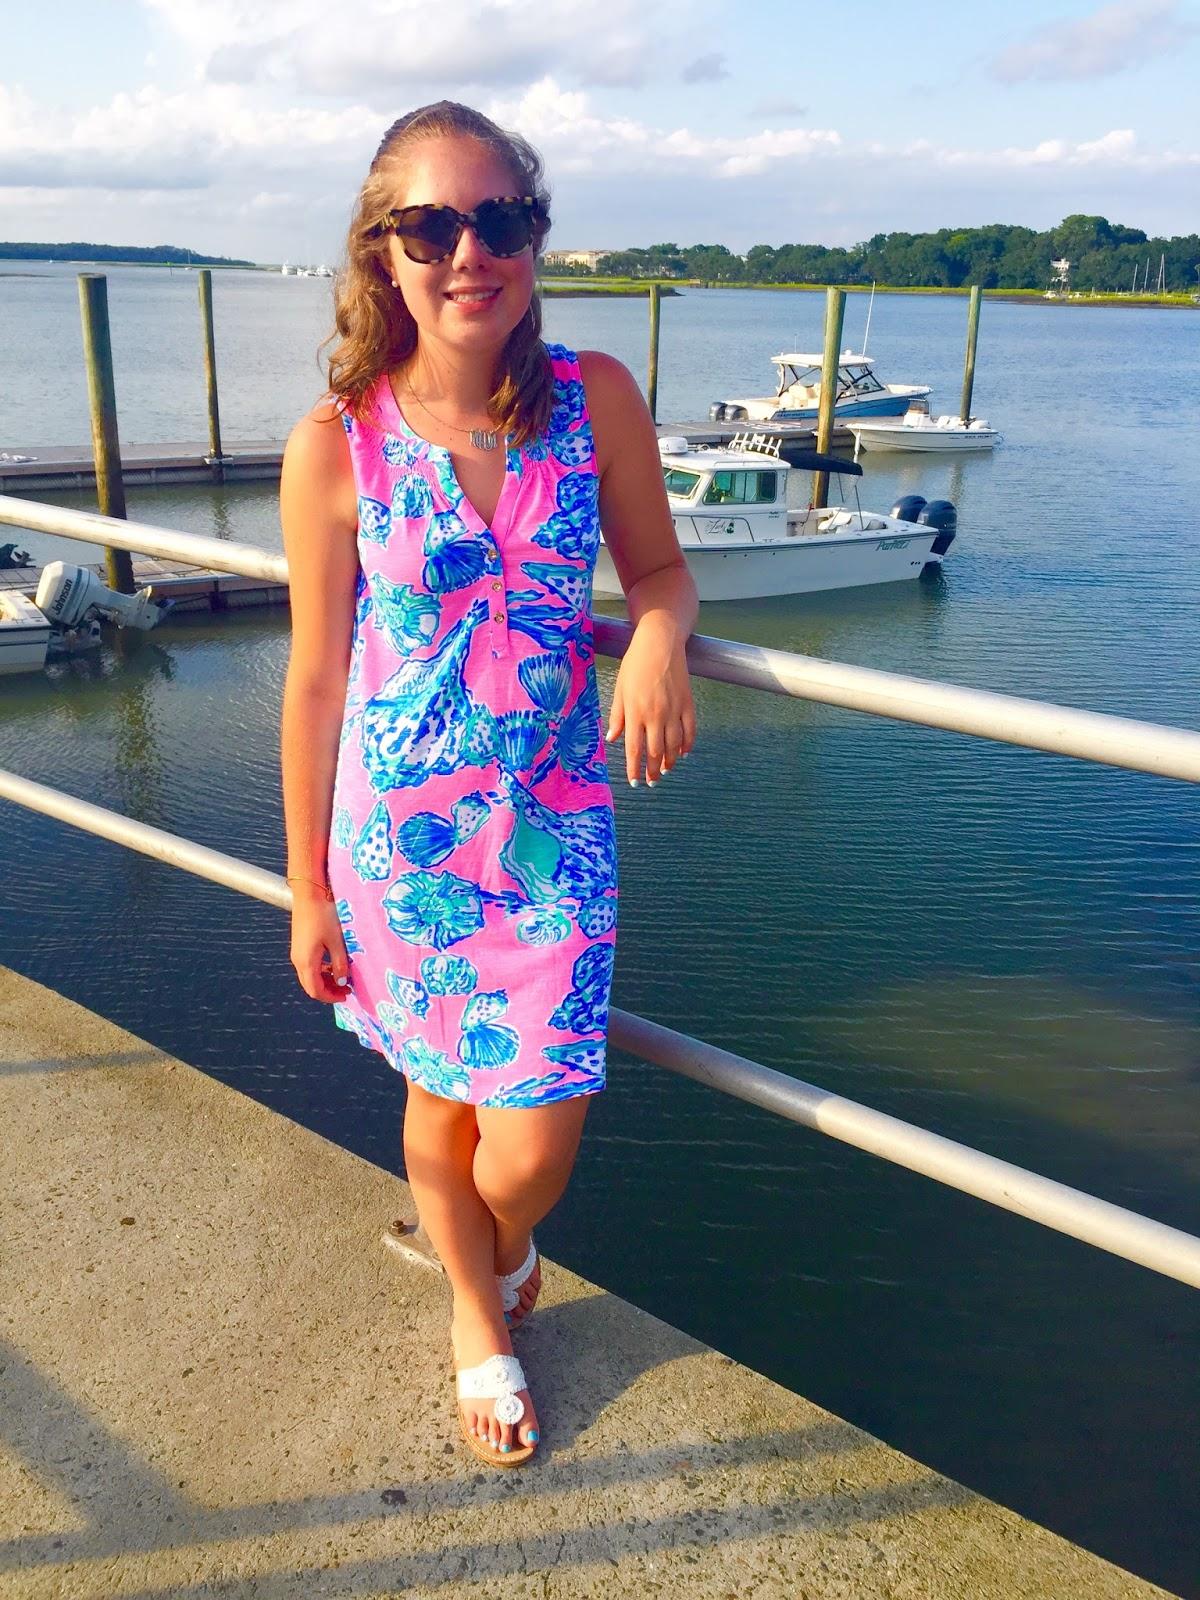 Melanie May: Barefoot Princess